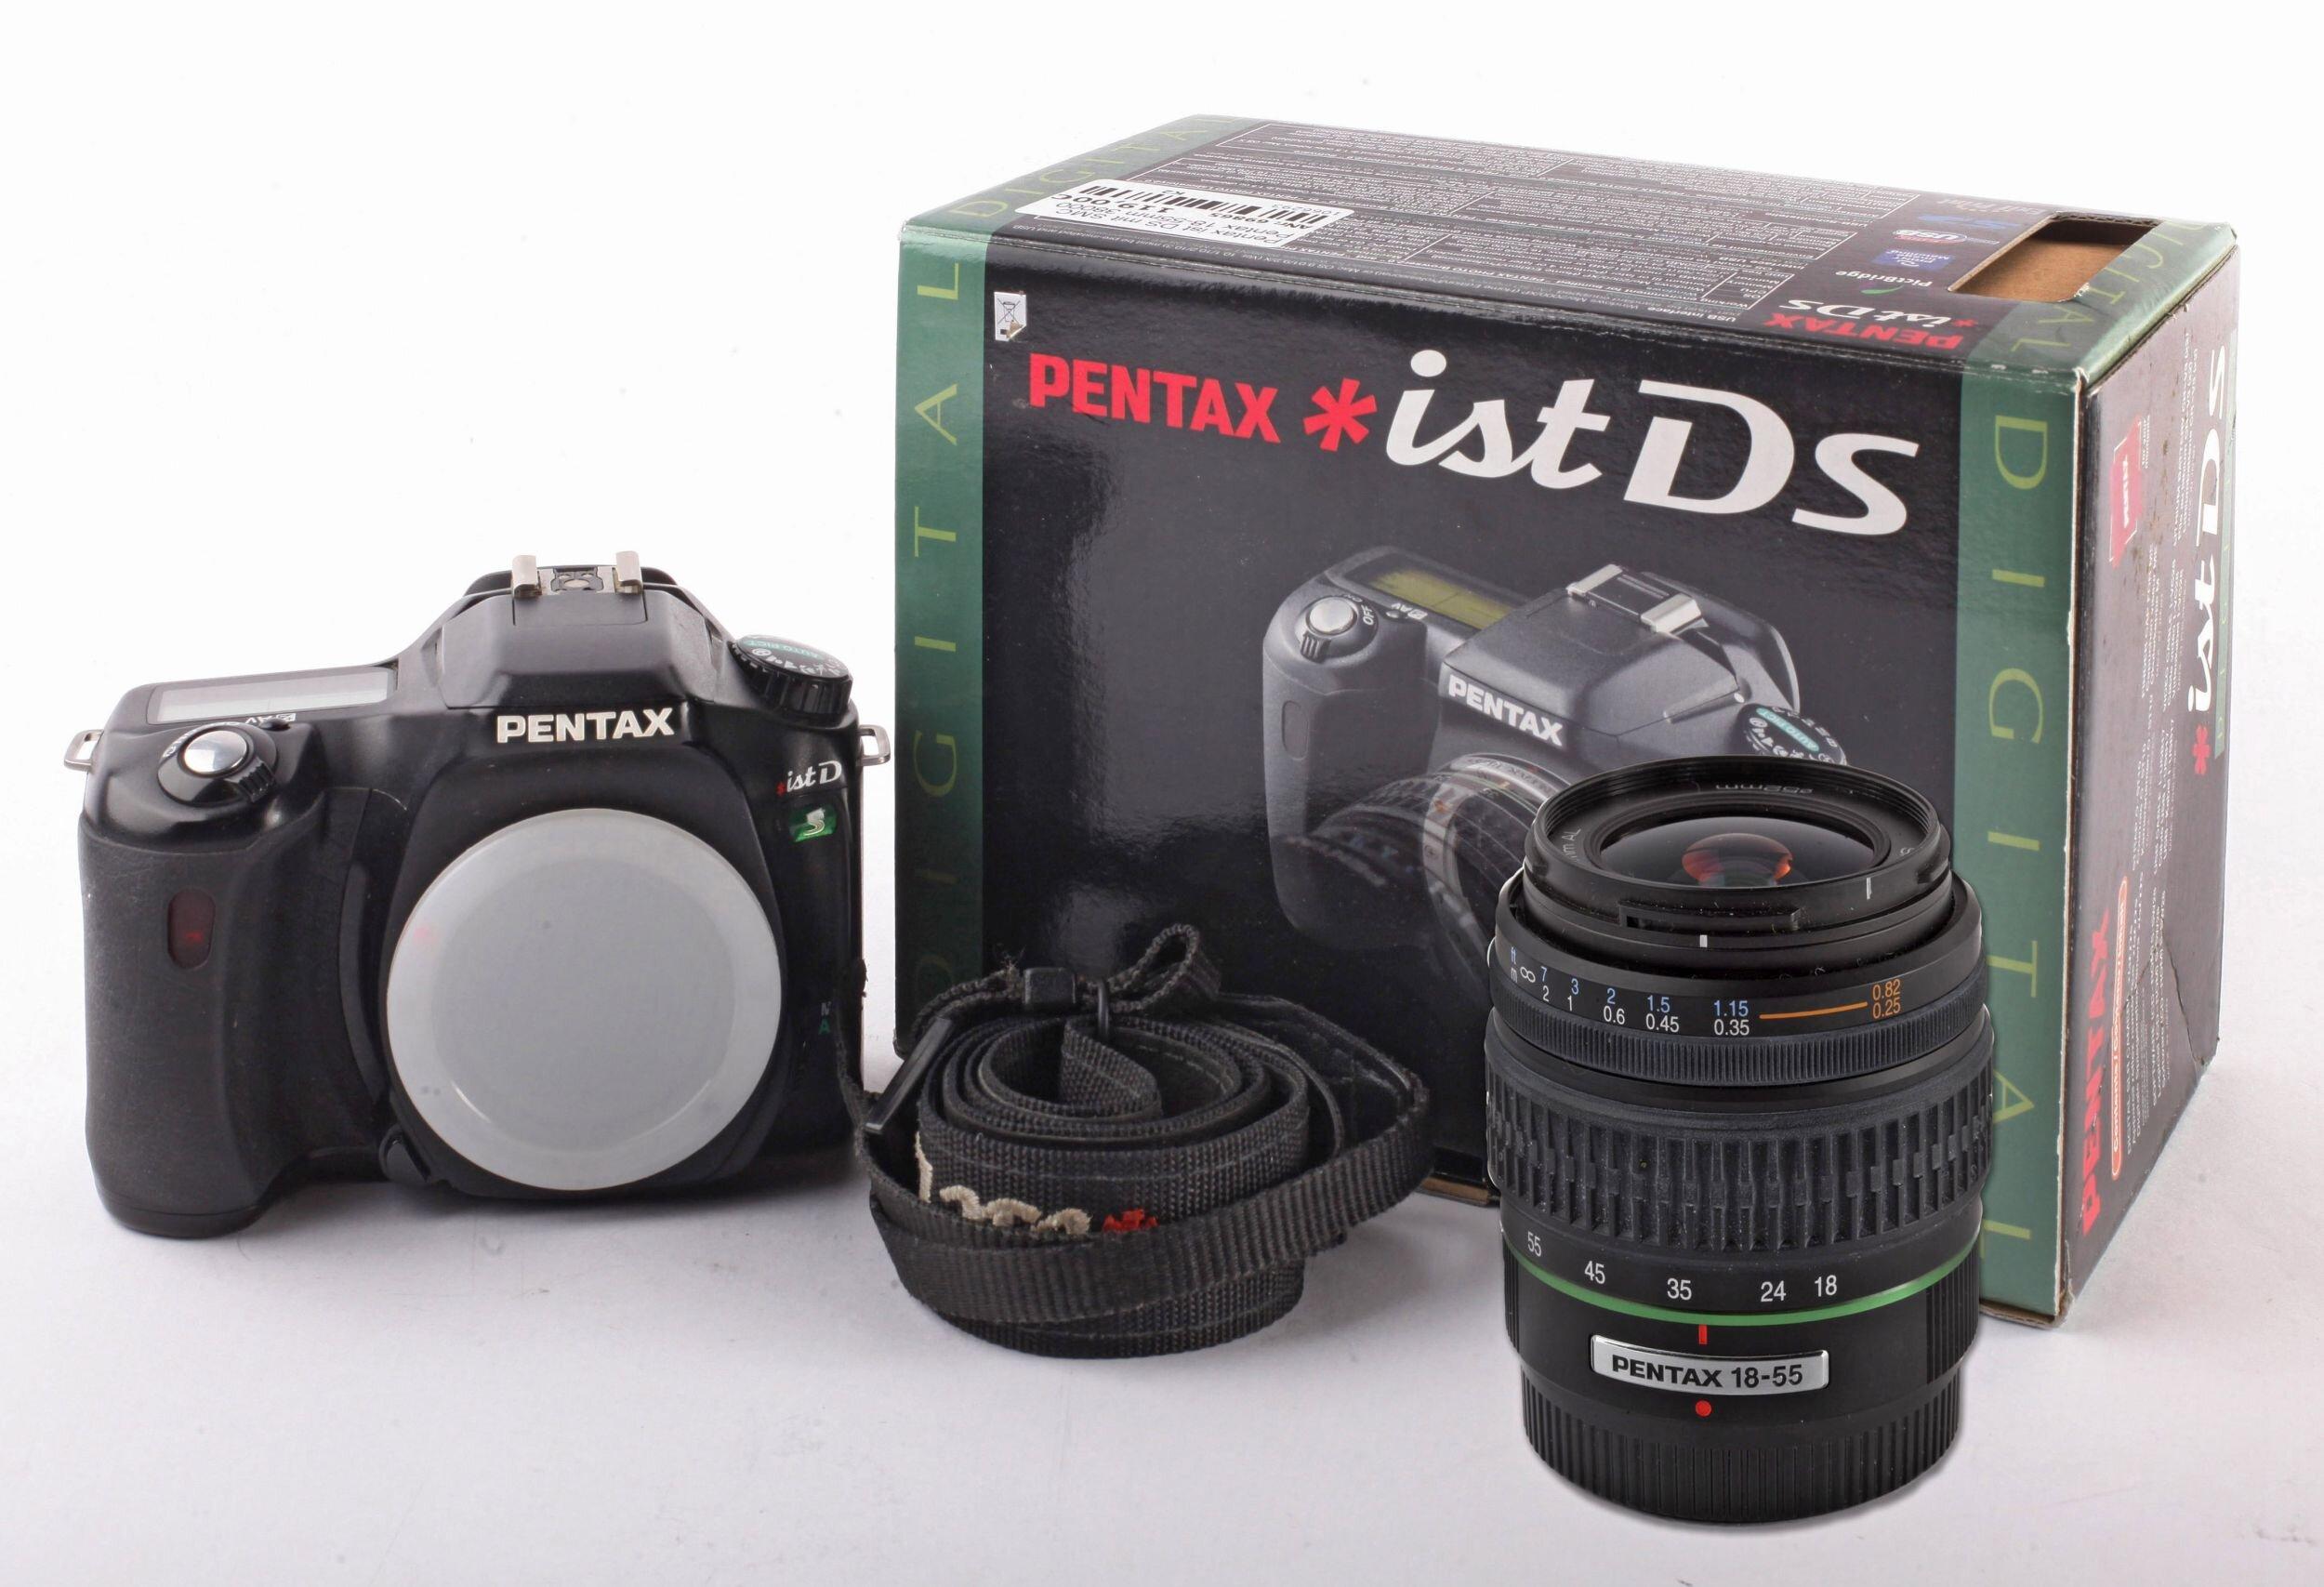 Pentax ist DS mit SMC Pentax 18-55mm 38000 Auslösungen